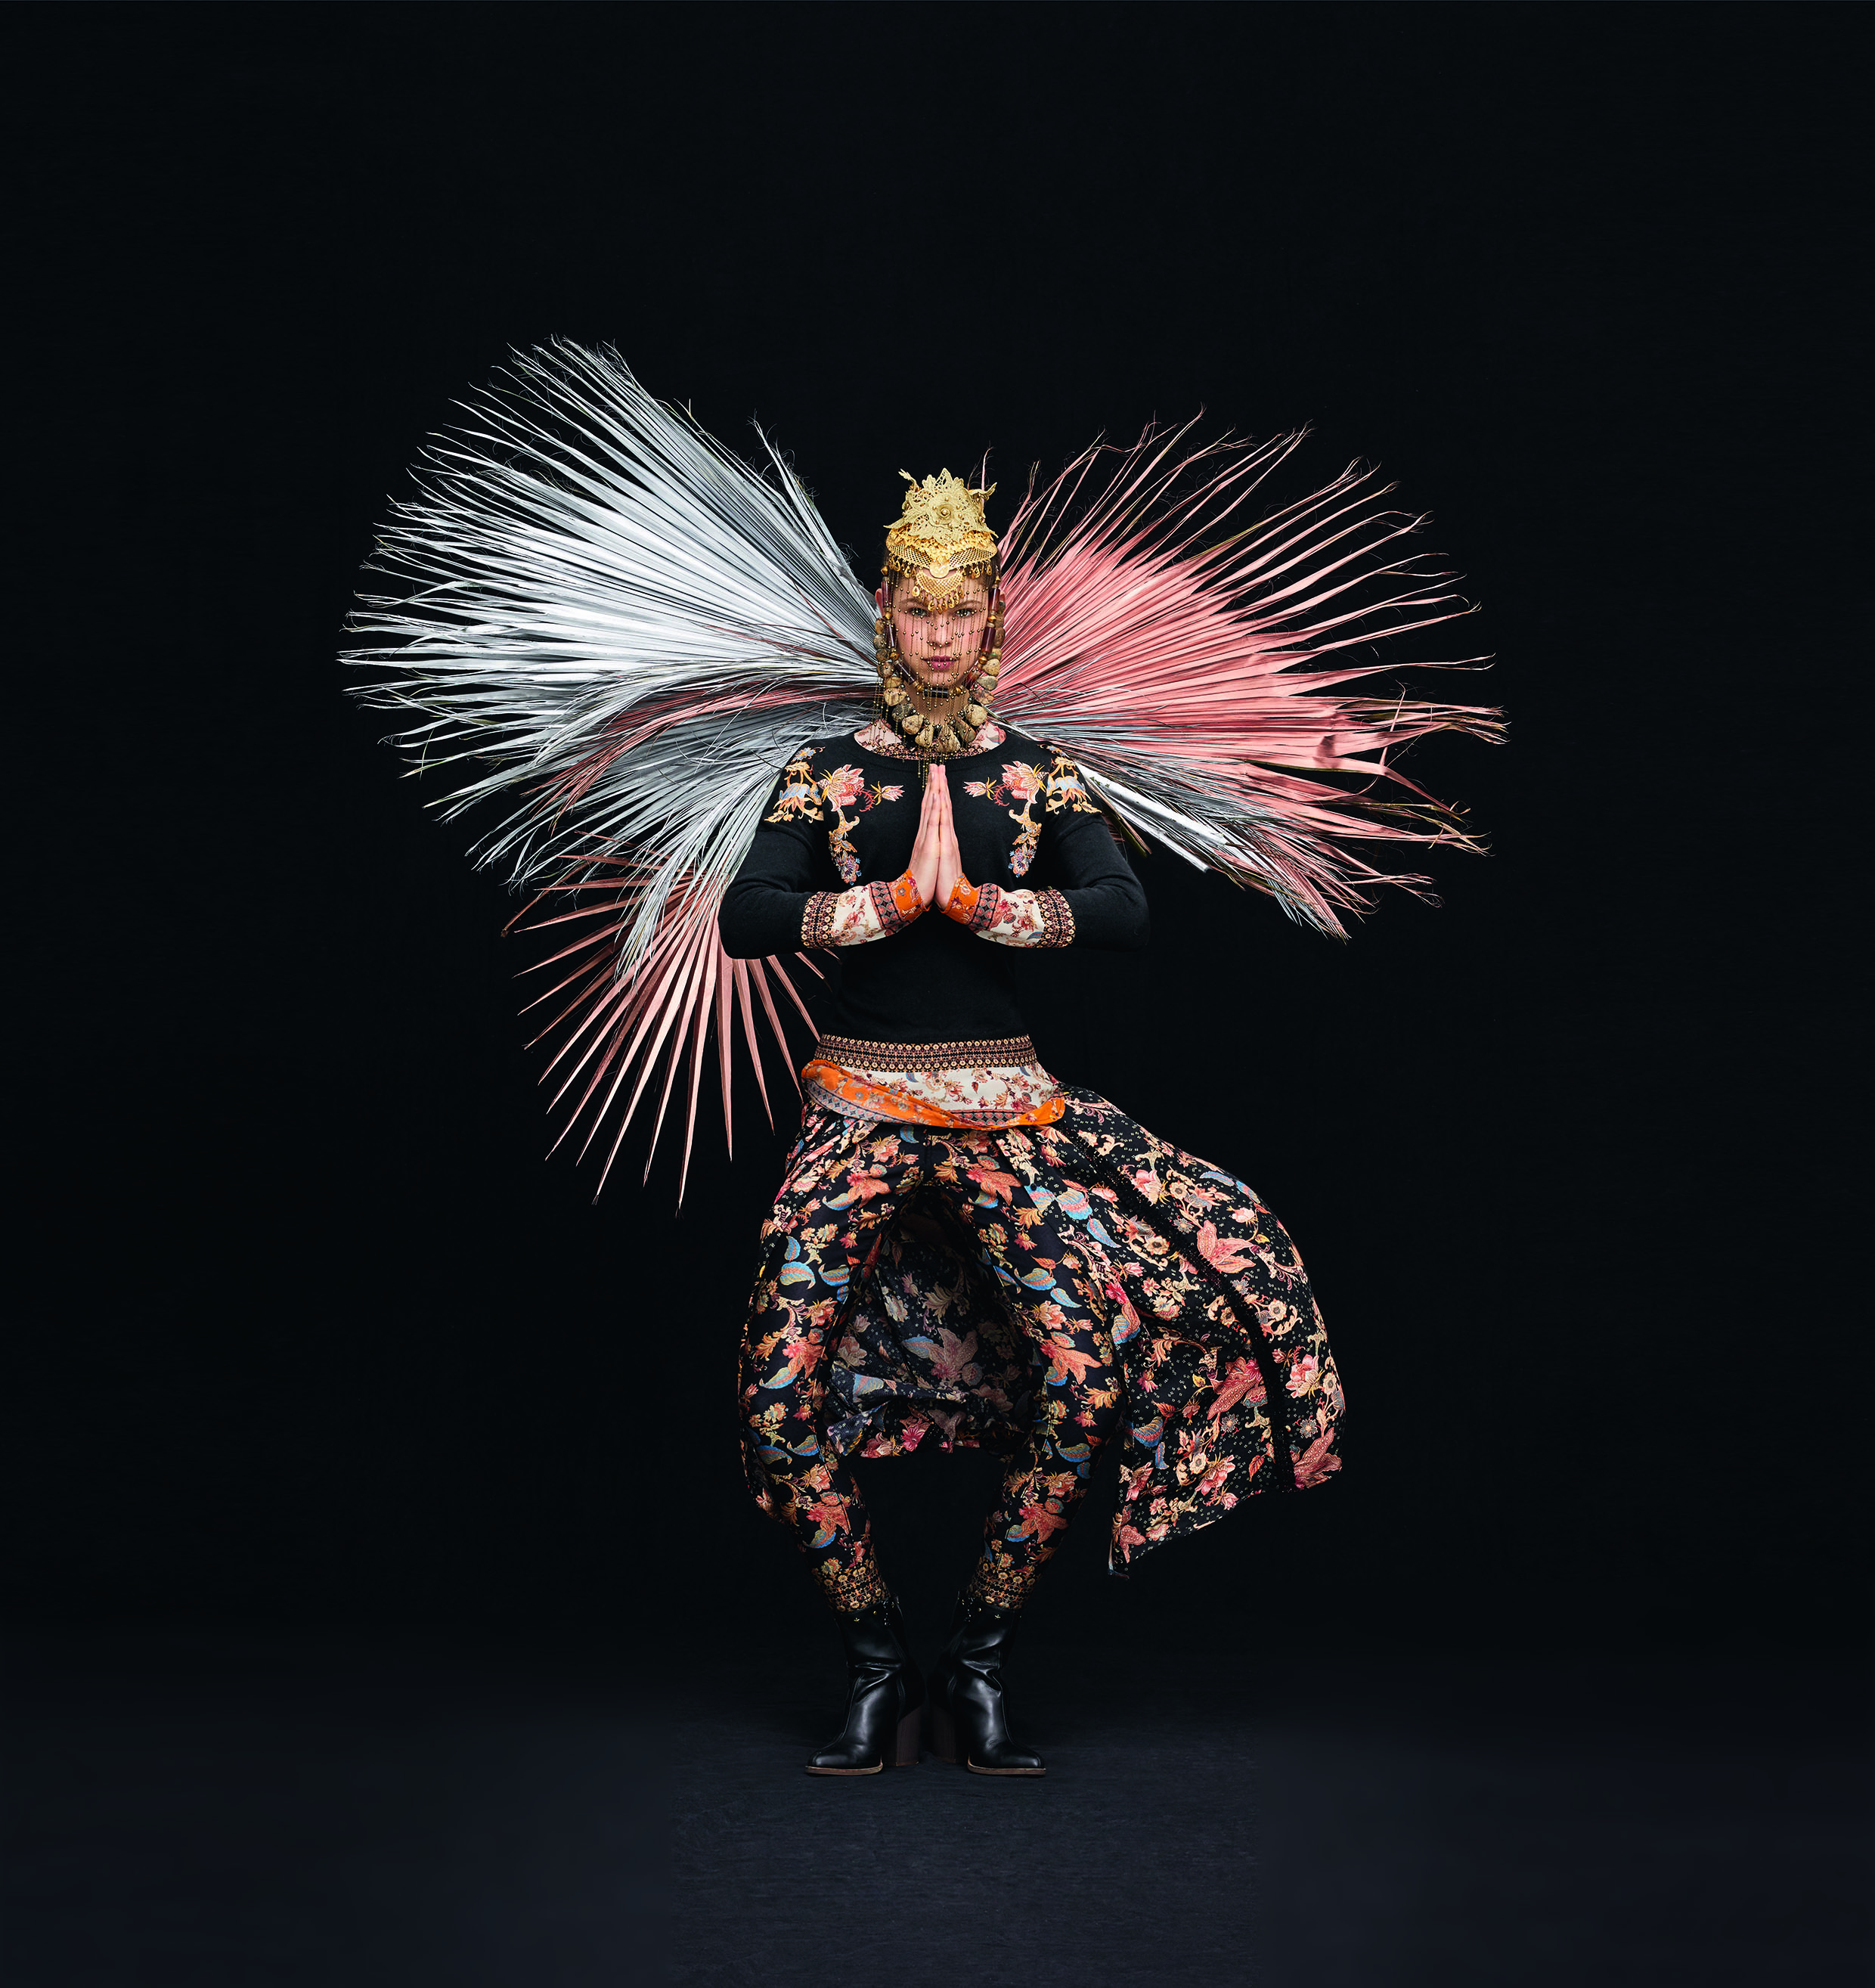 Η νέα συλλογή ρούχων Desigual είναι μία πανδαισία χρωμάτων και σχεδίων